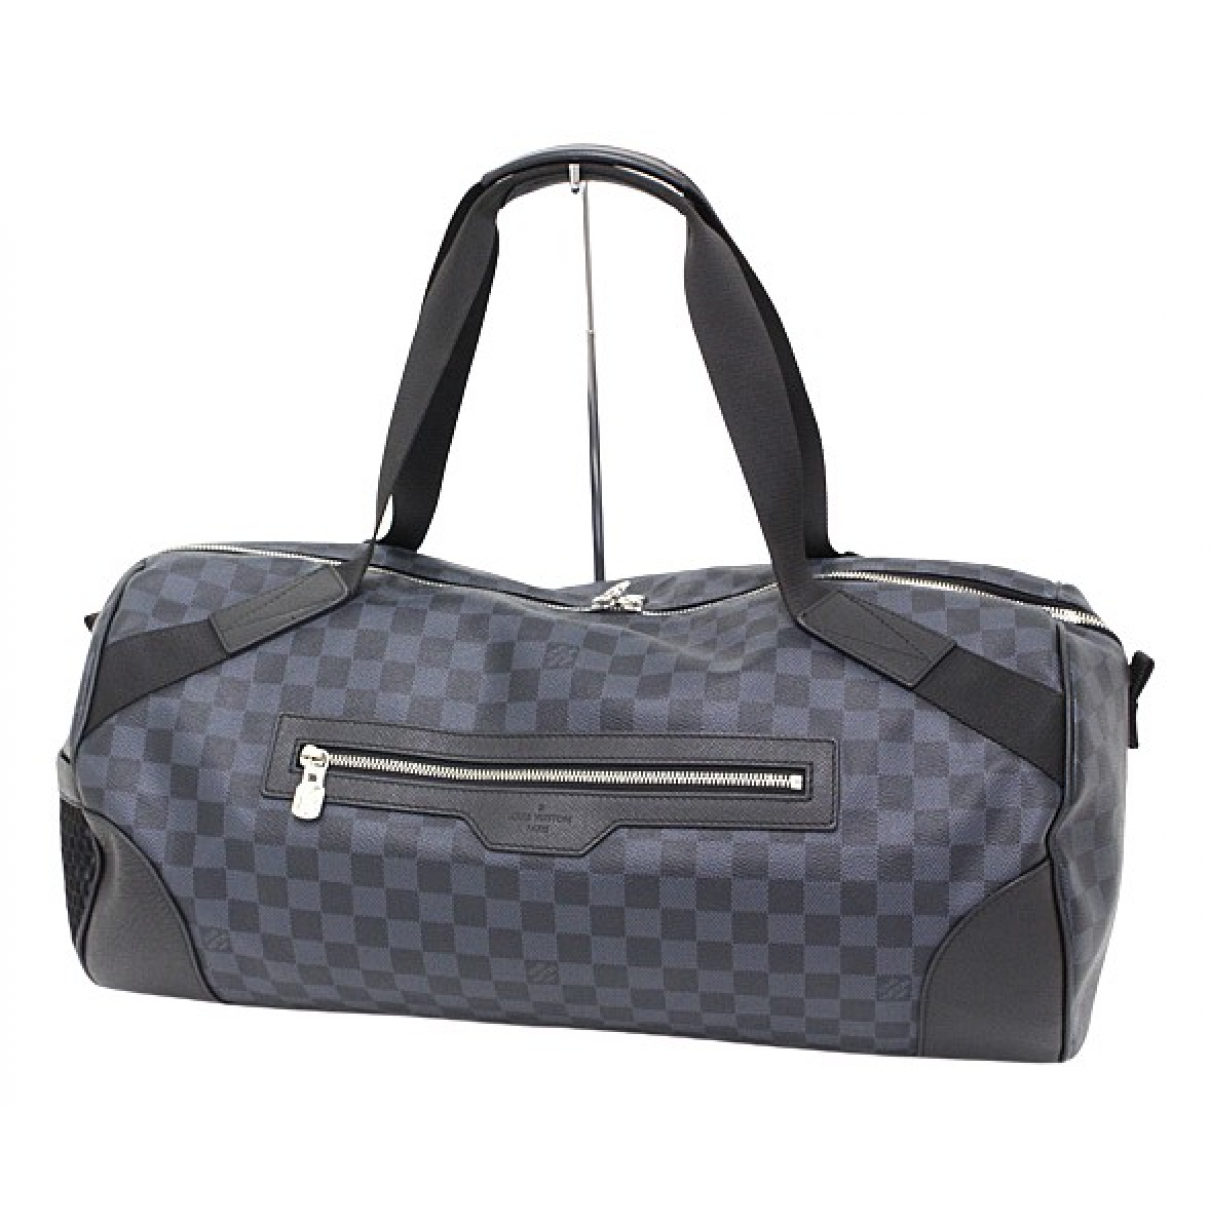 Louis Vuitton \N Anthracite Cloth handbag for Women \N